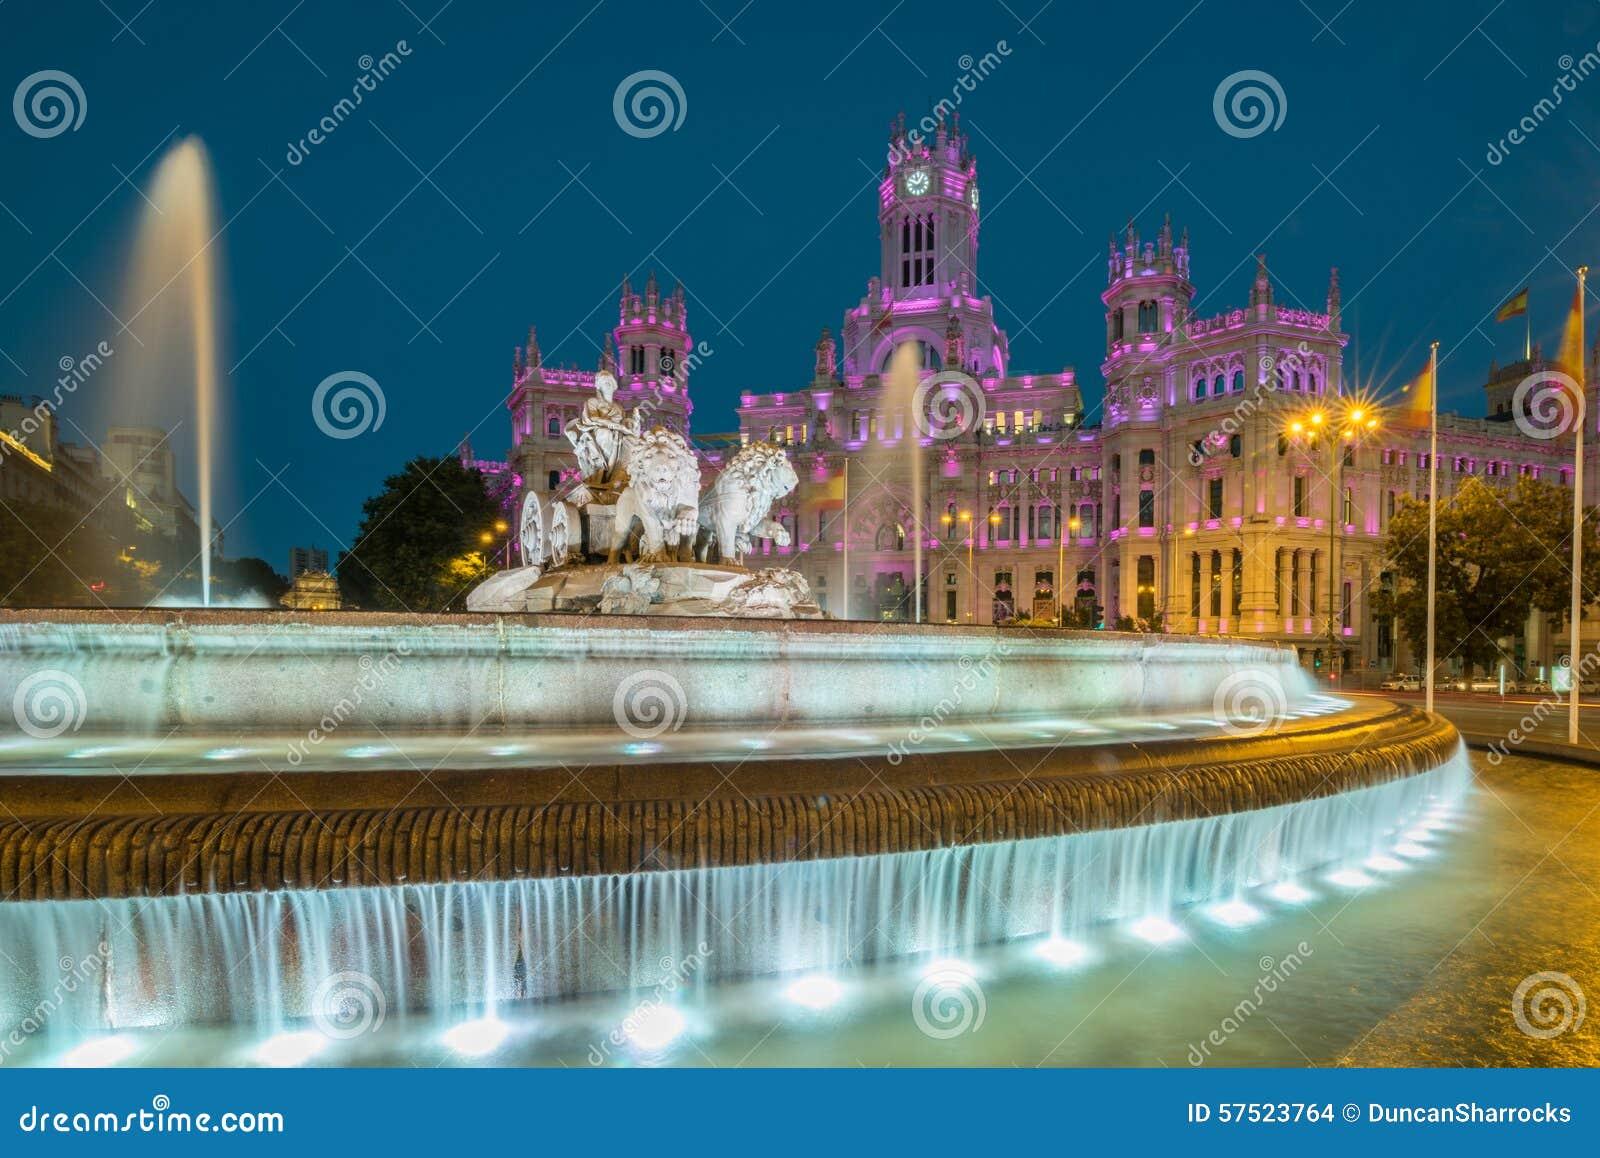 Cibelesfontein en Cybele Palace (vroeger genoemd Paleis van Mededeling), Madrid, Spanje